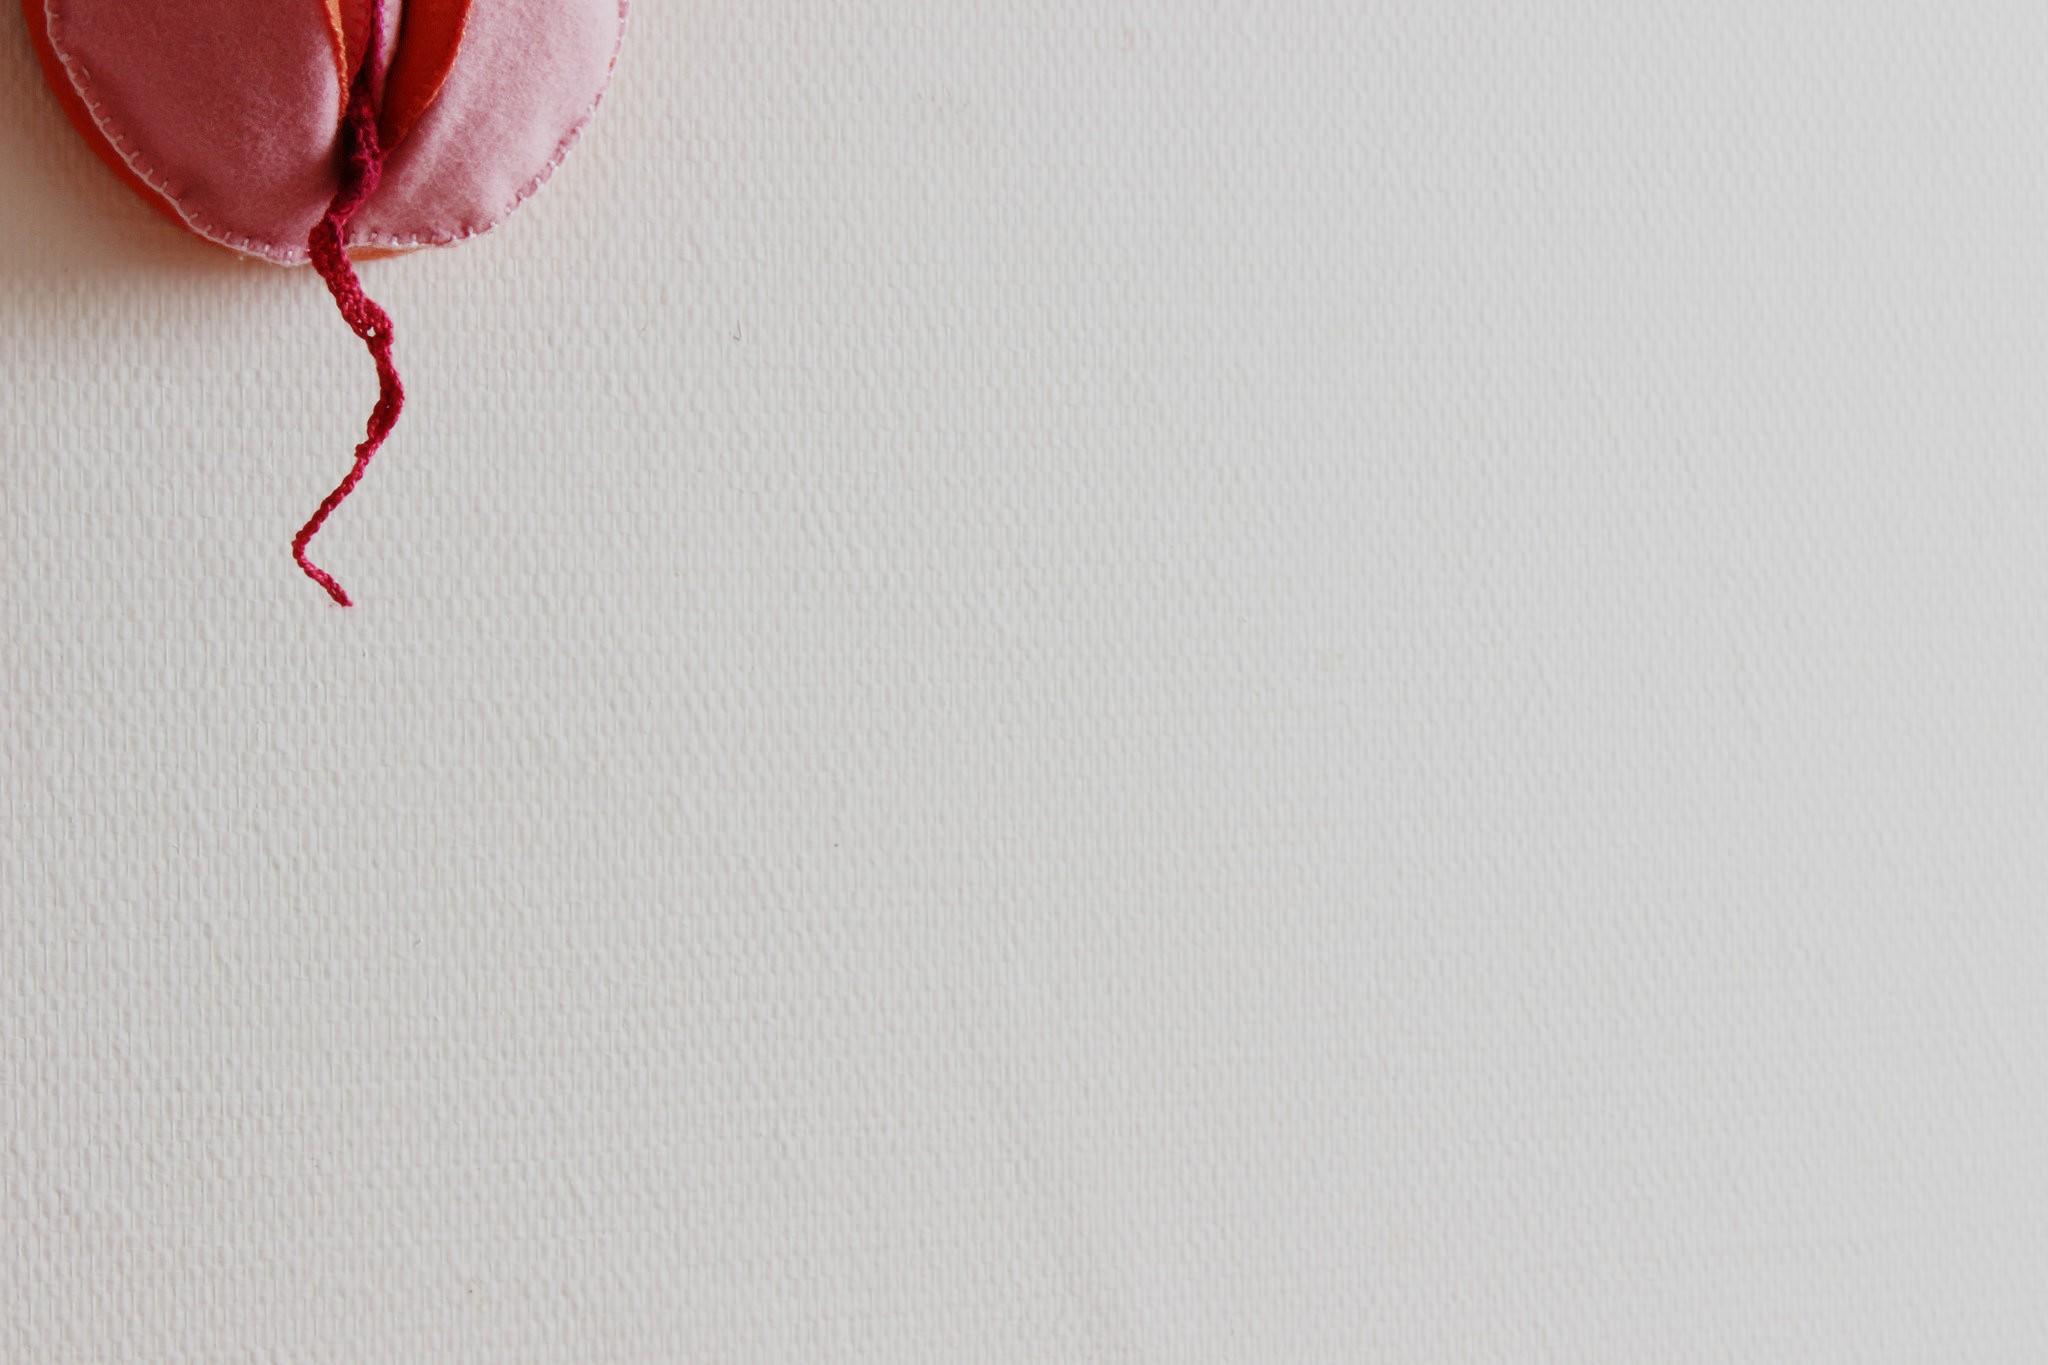 Peça de crochê simula a menstruação (Foto: b r u n a/Flickr)